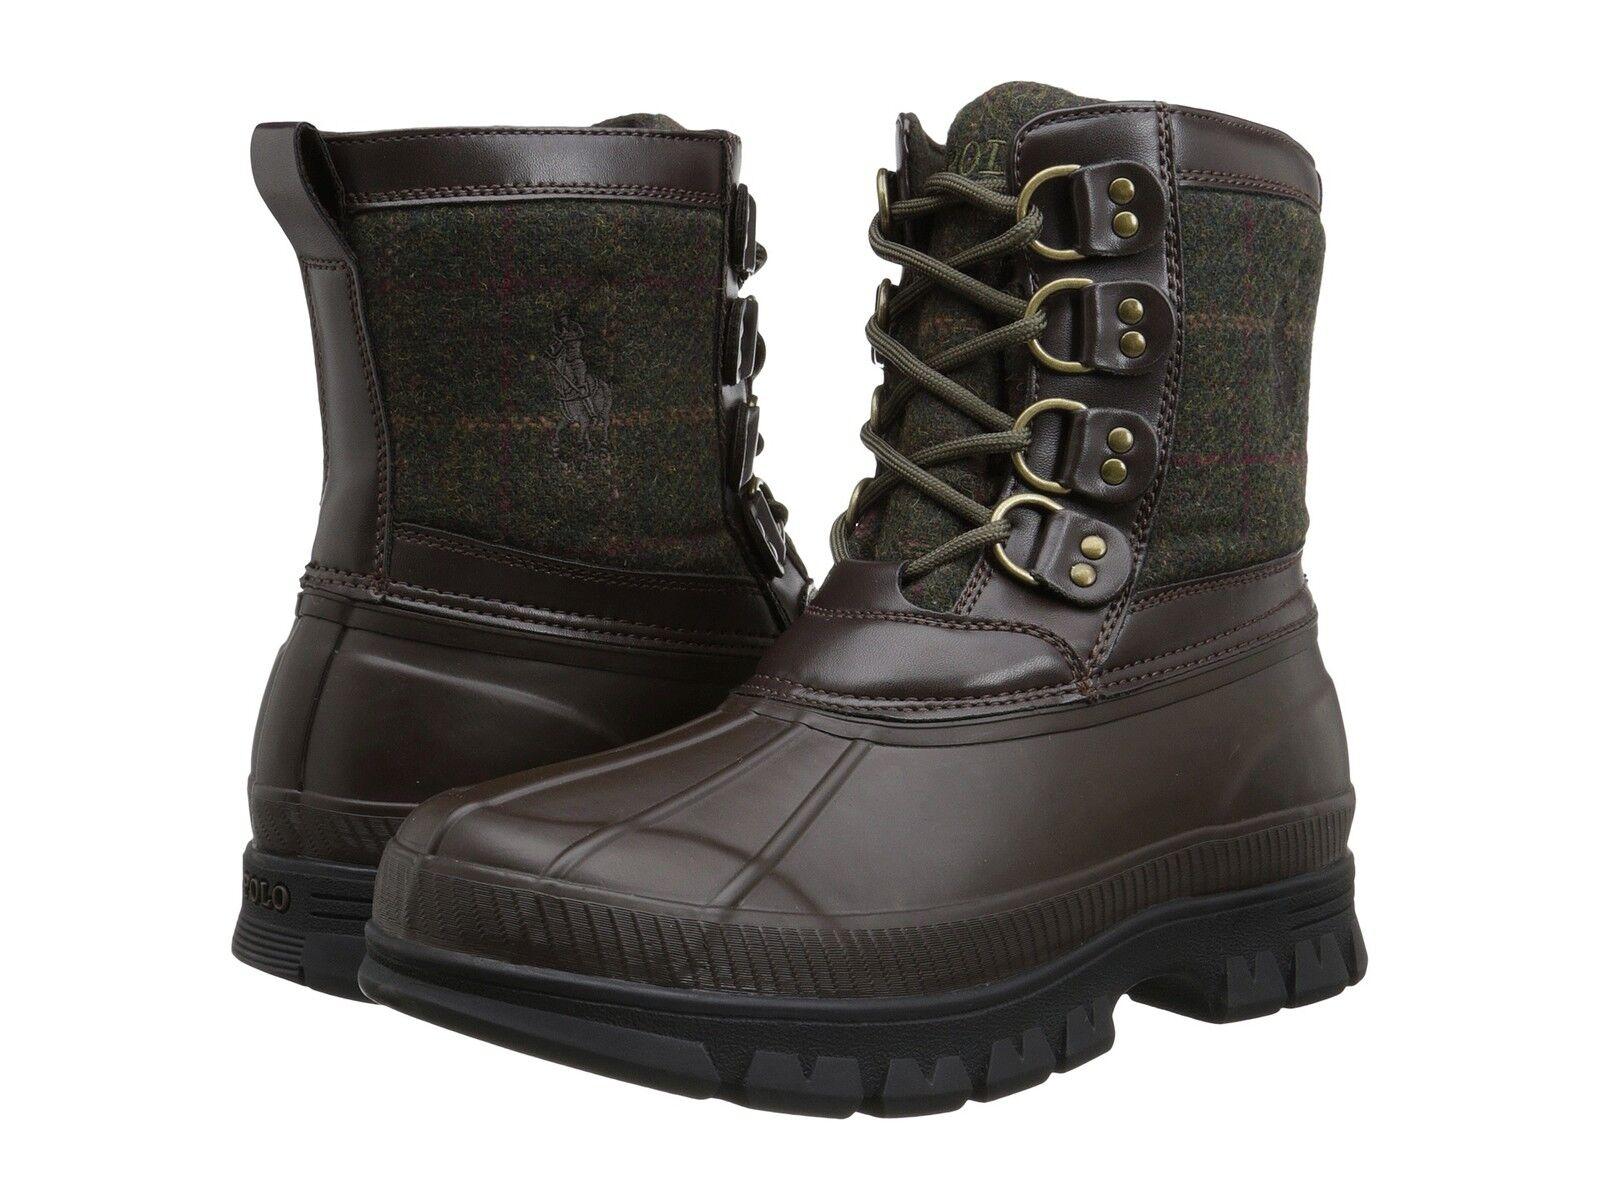 8D Polo Ralph Lauren Men's Crestwick Winter Boots Olive Dark Brown